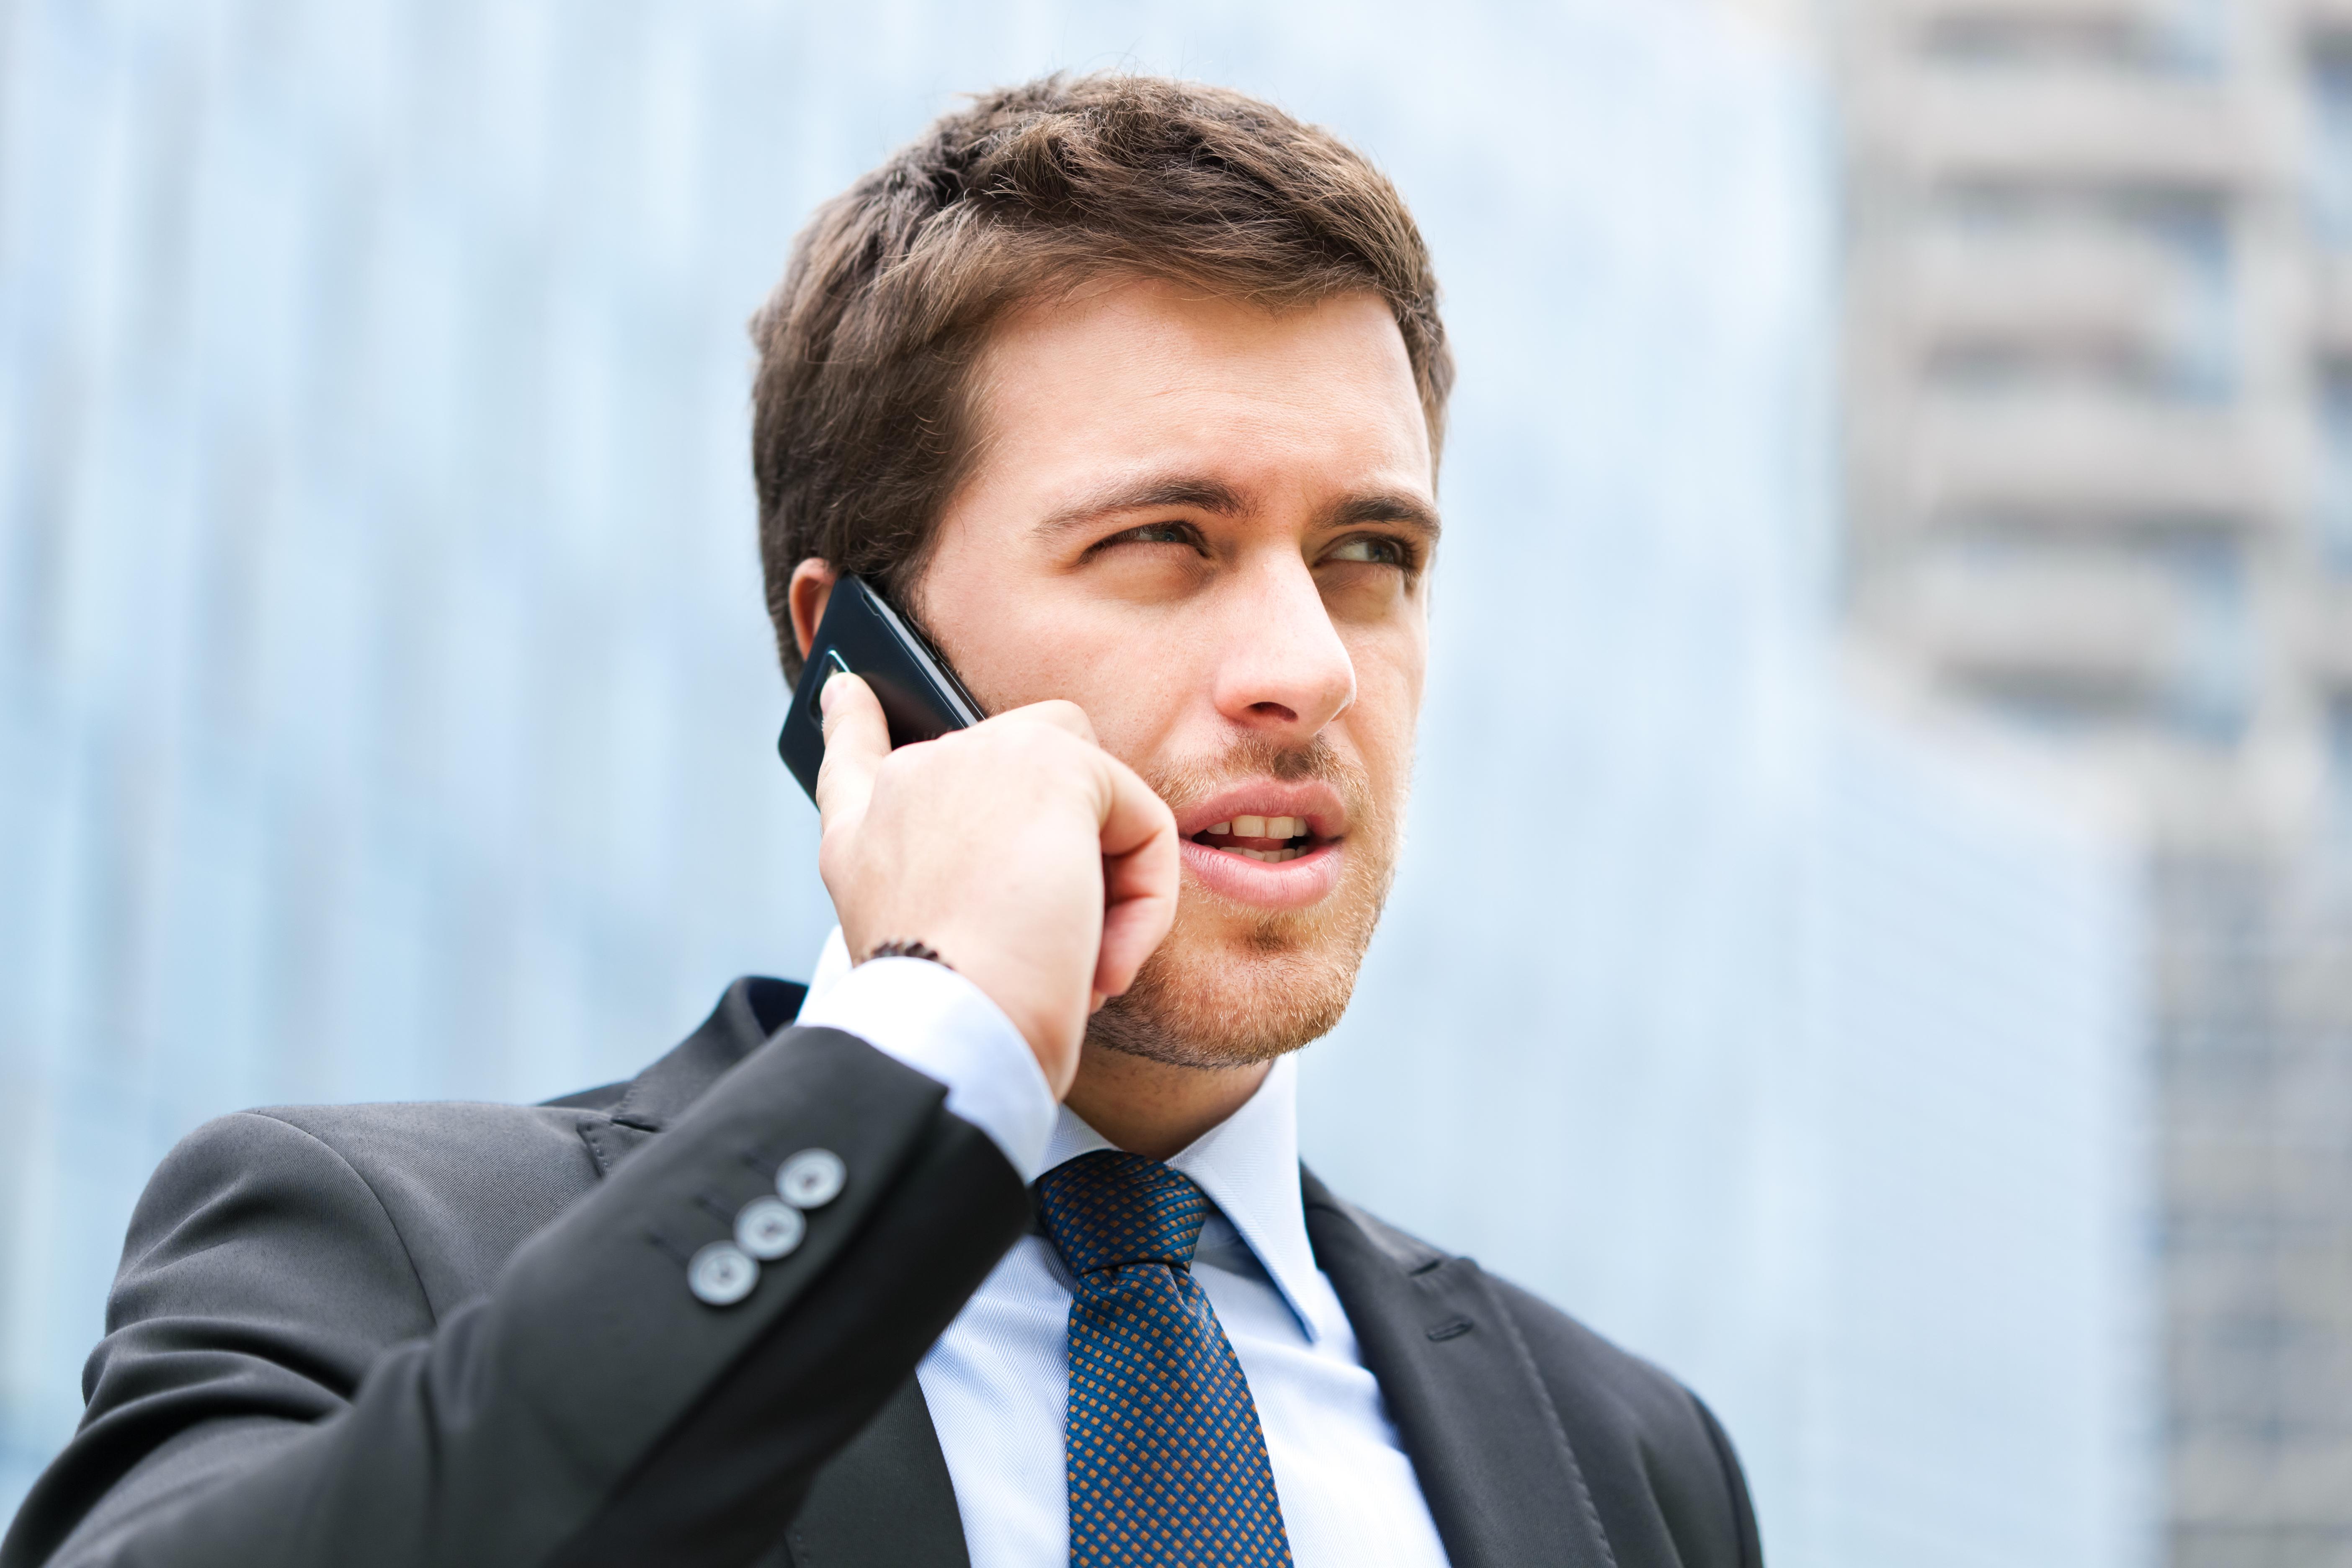 данной парень говорит по телефону картинка выяснилось, что